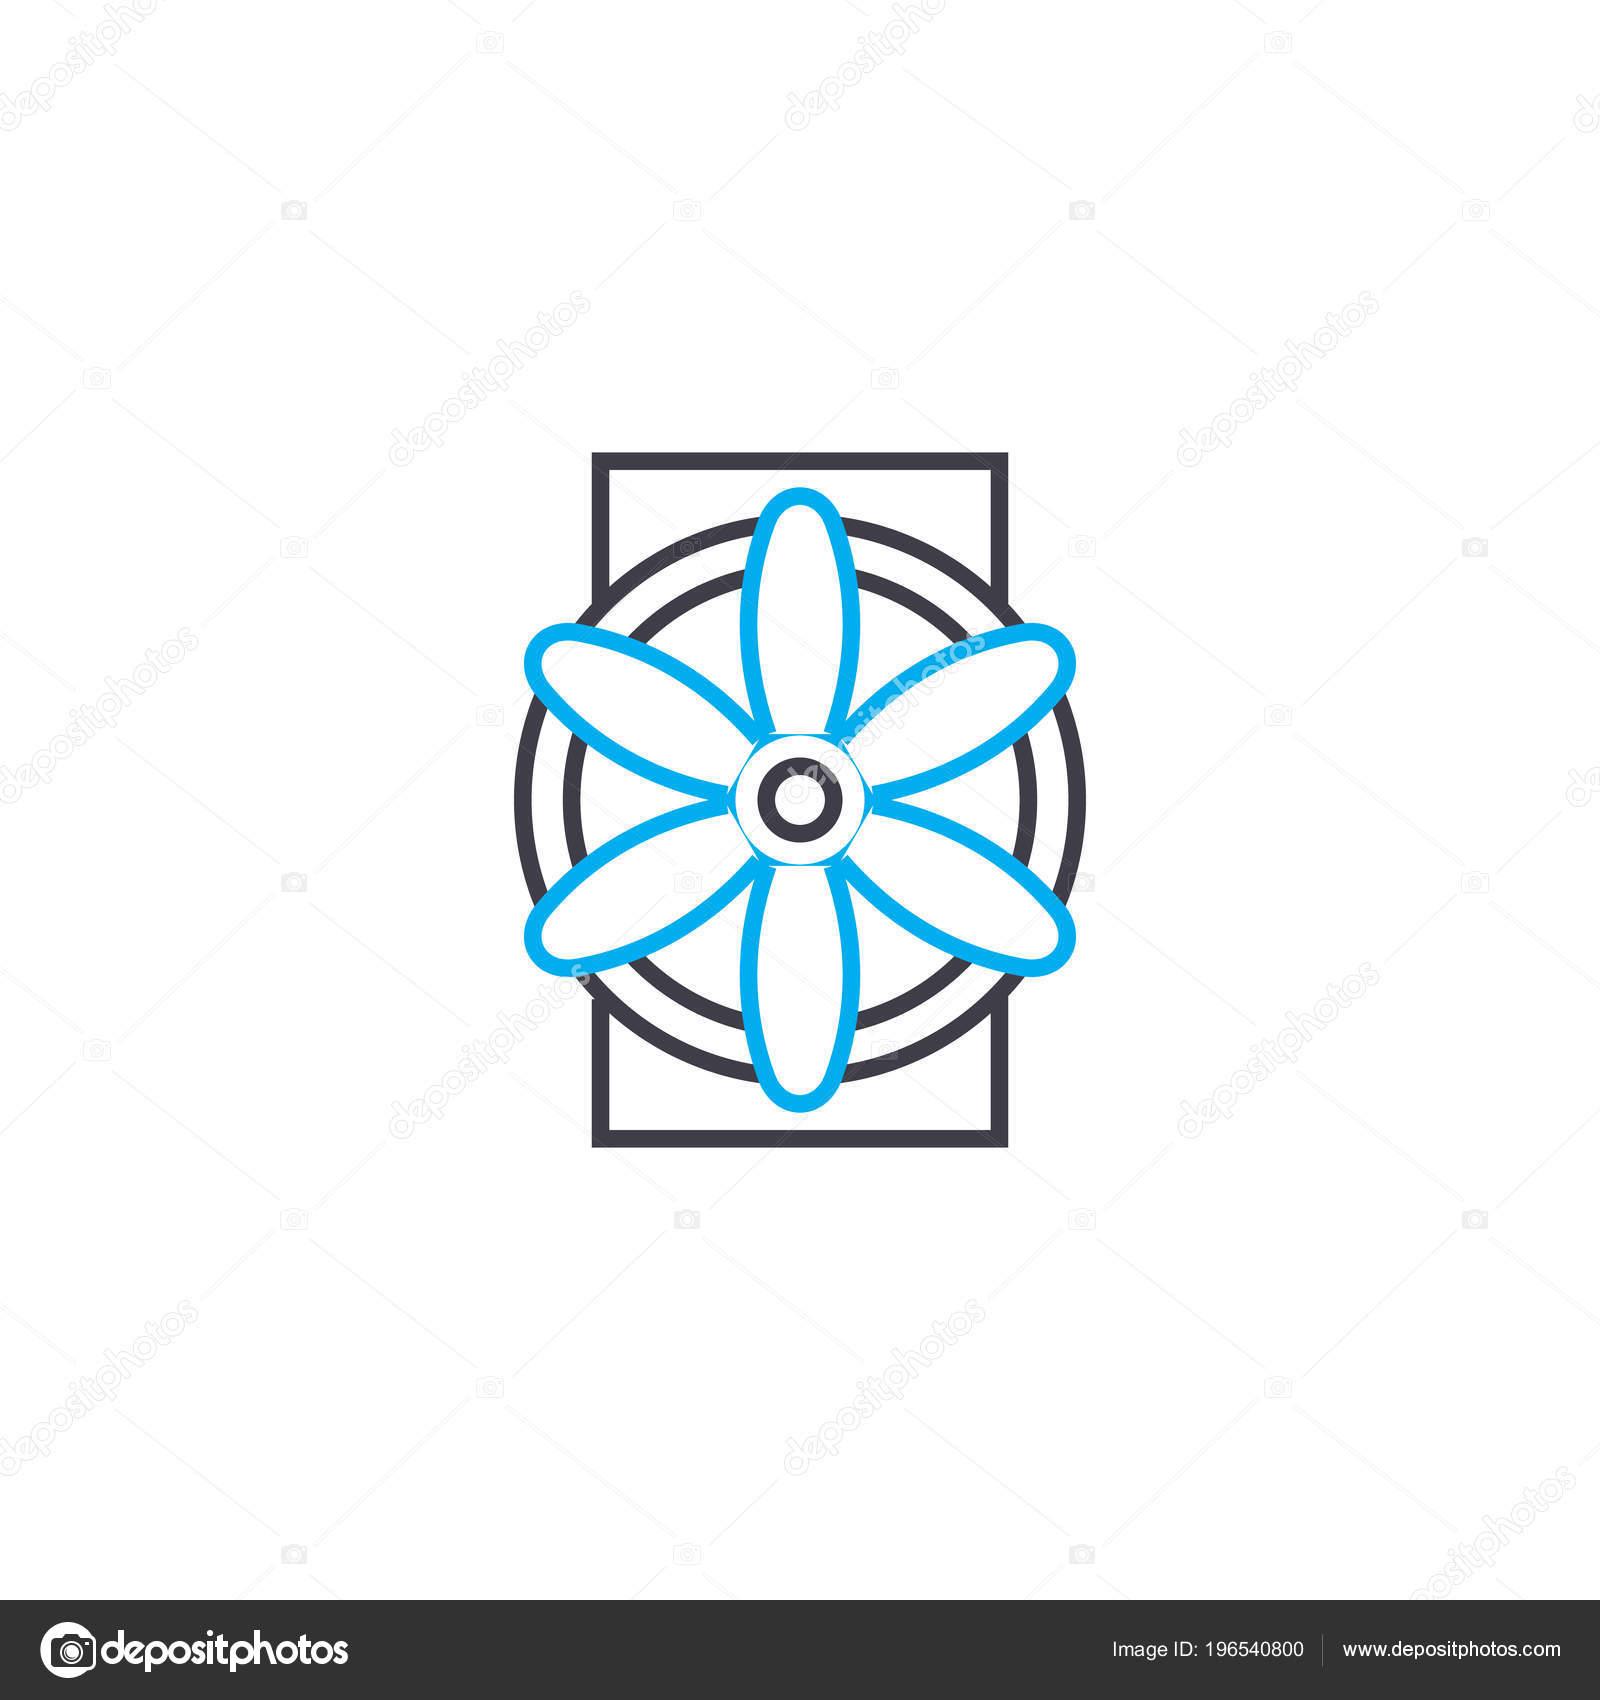 Concepto de icono lineal del sistema industrial de